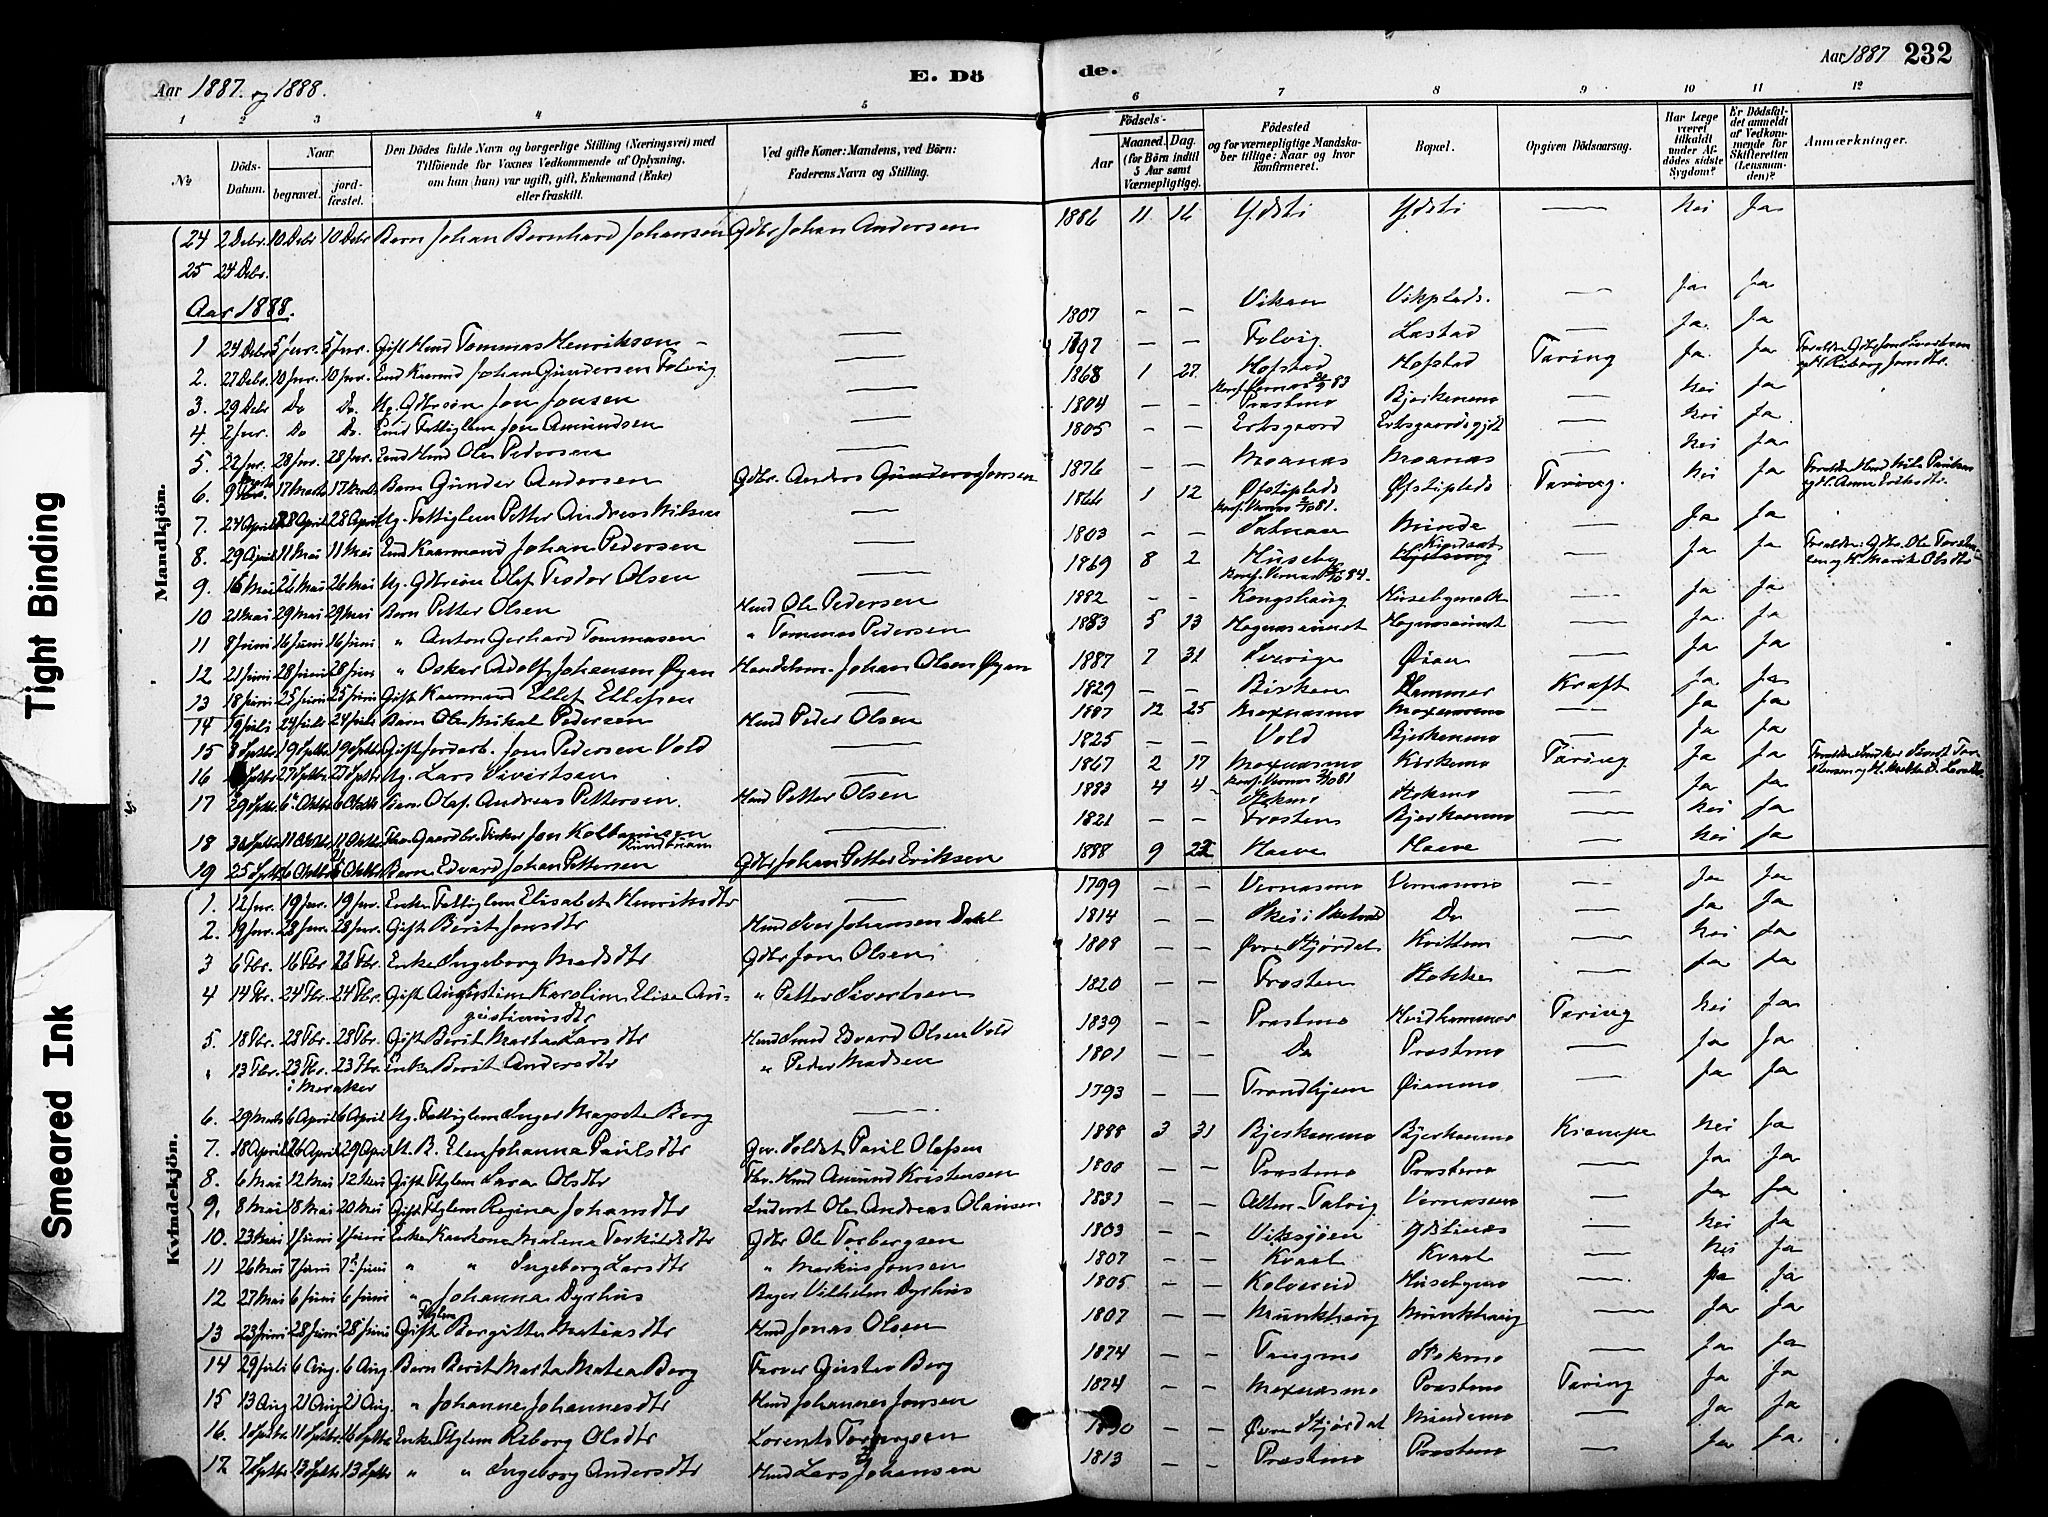 SAT, Ministerialprotokoller, klokkerbøker og fødselsregistre - Nord-Trøndelag, 709/L0077: Ministerialbok nr. 709A17, 1880-1895, s. 232